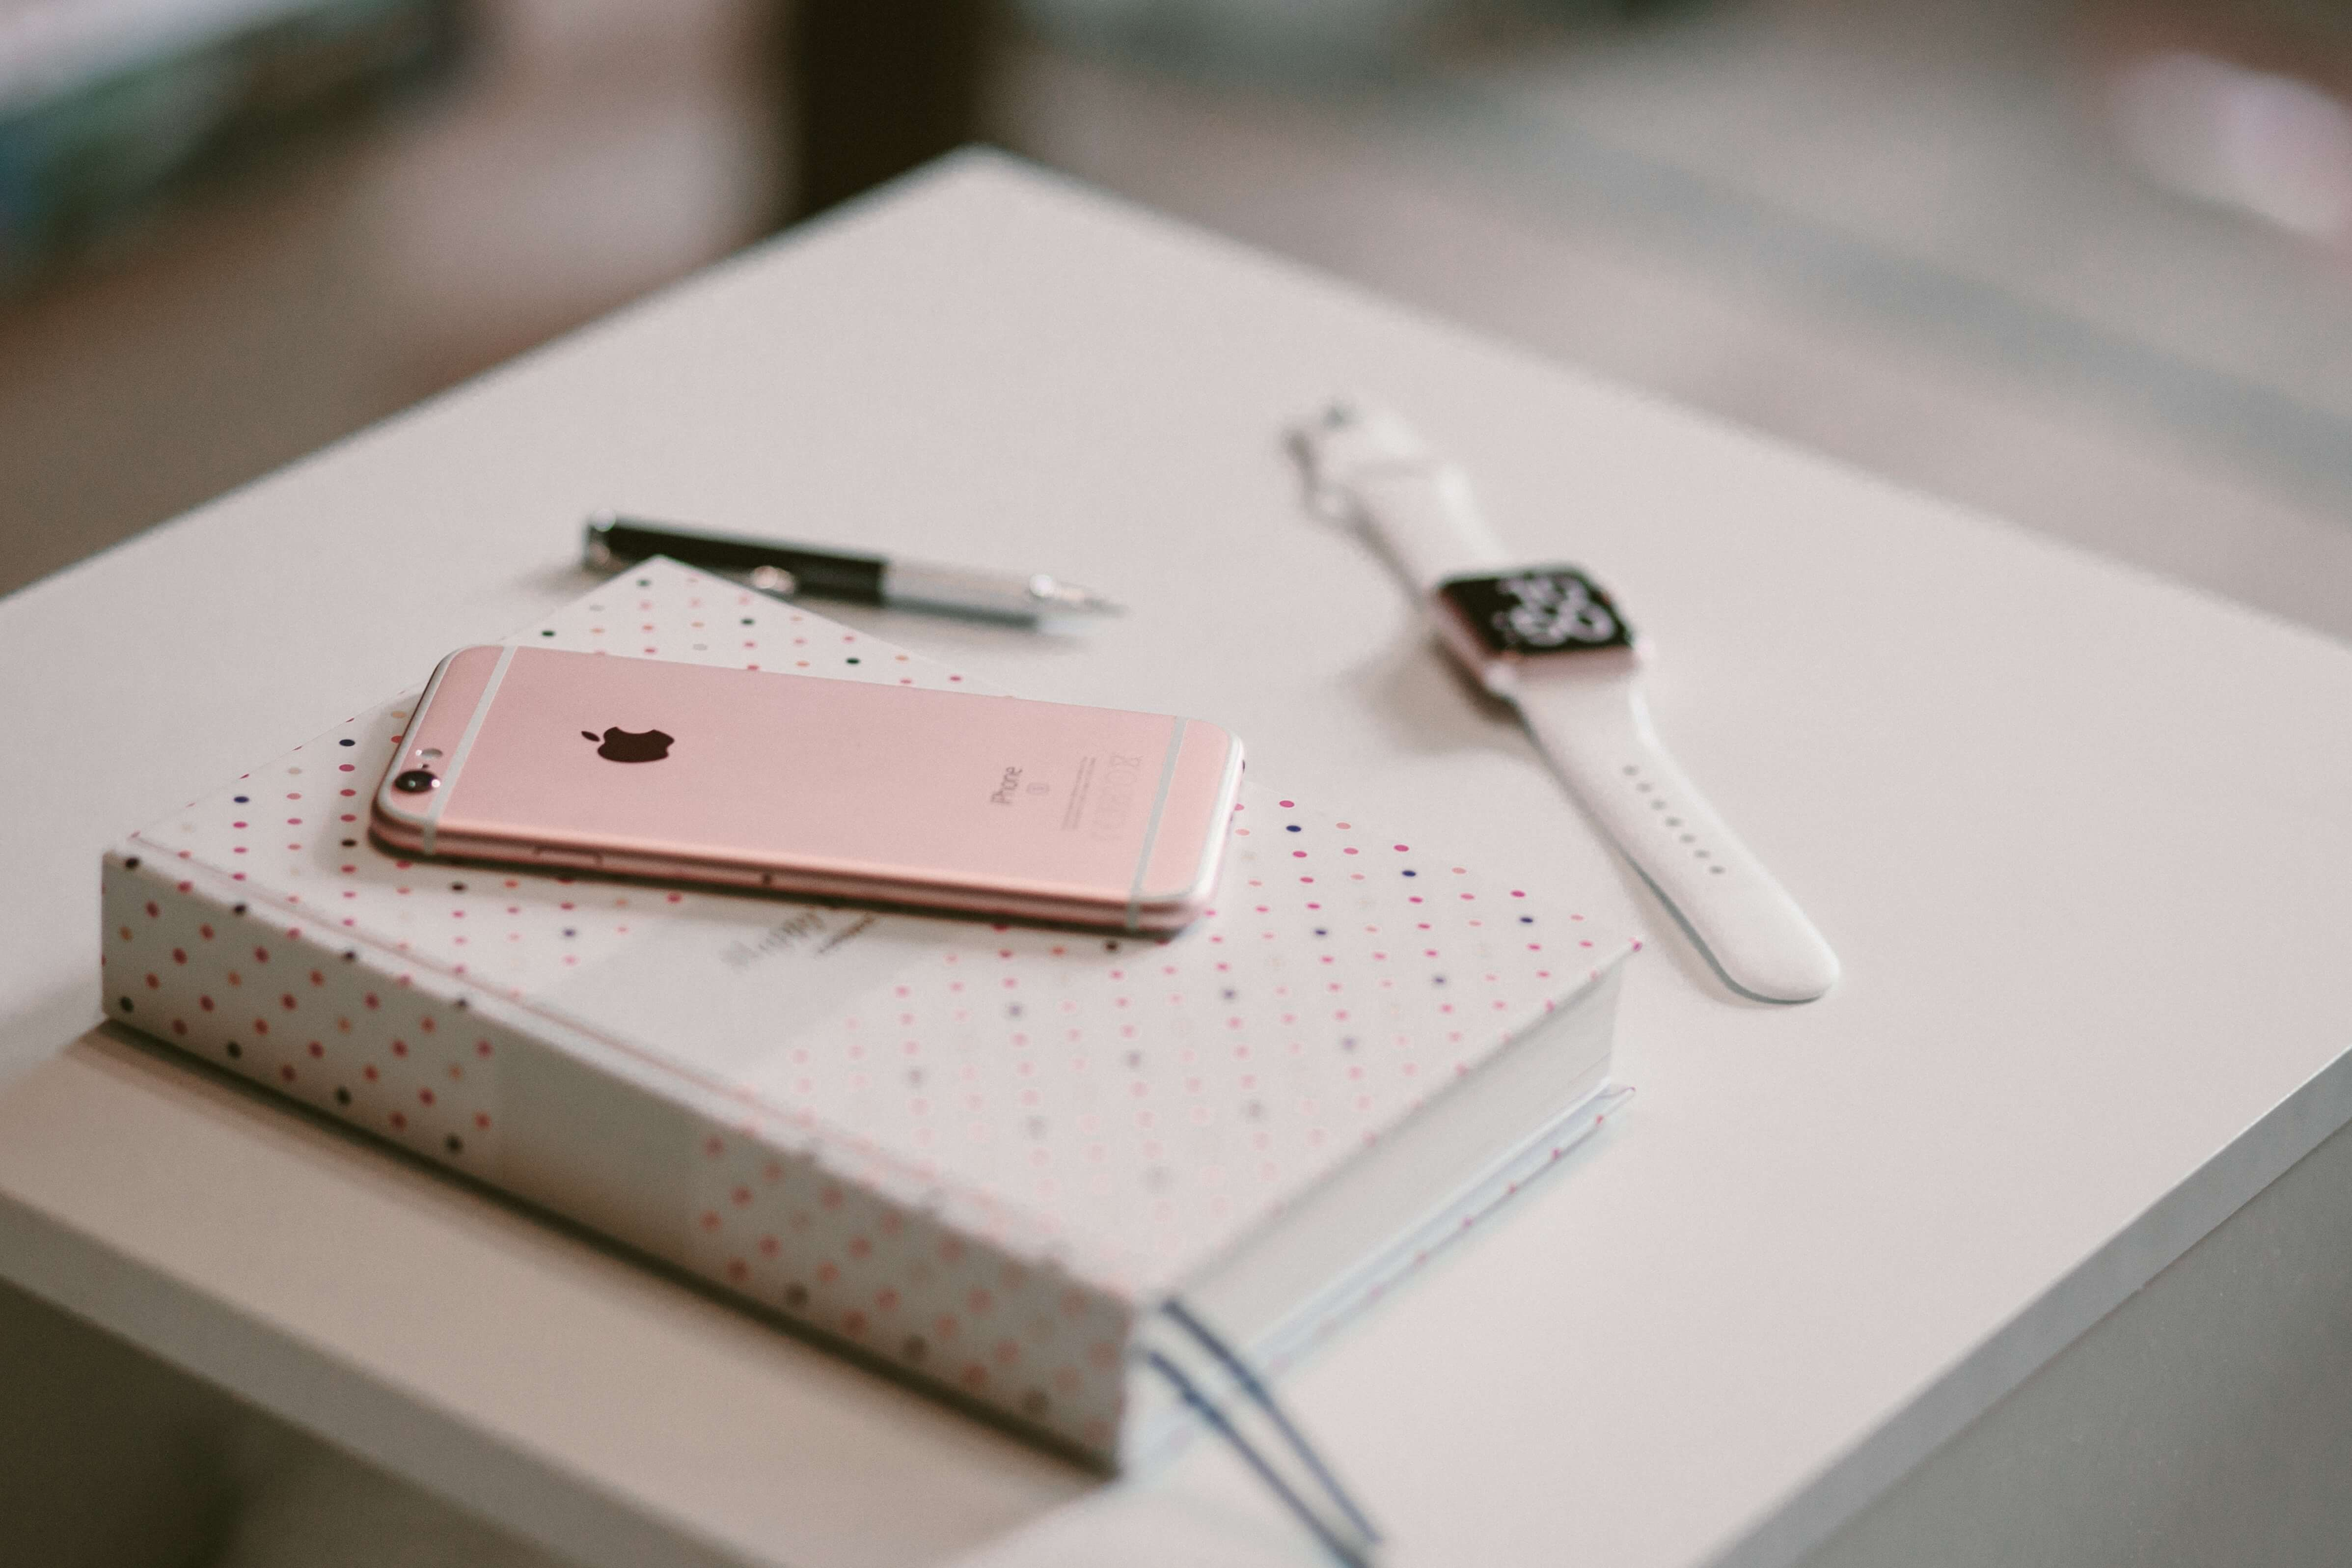 Nieuwe iPhone? Dit kun je doen met je oude iPhone